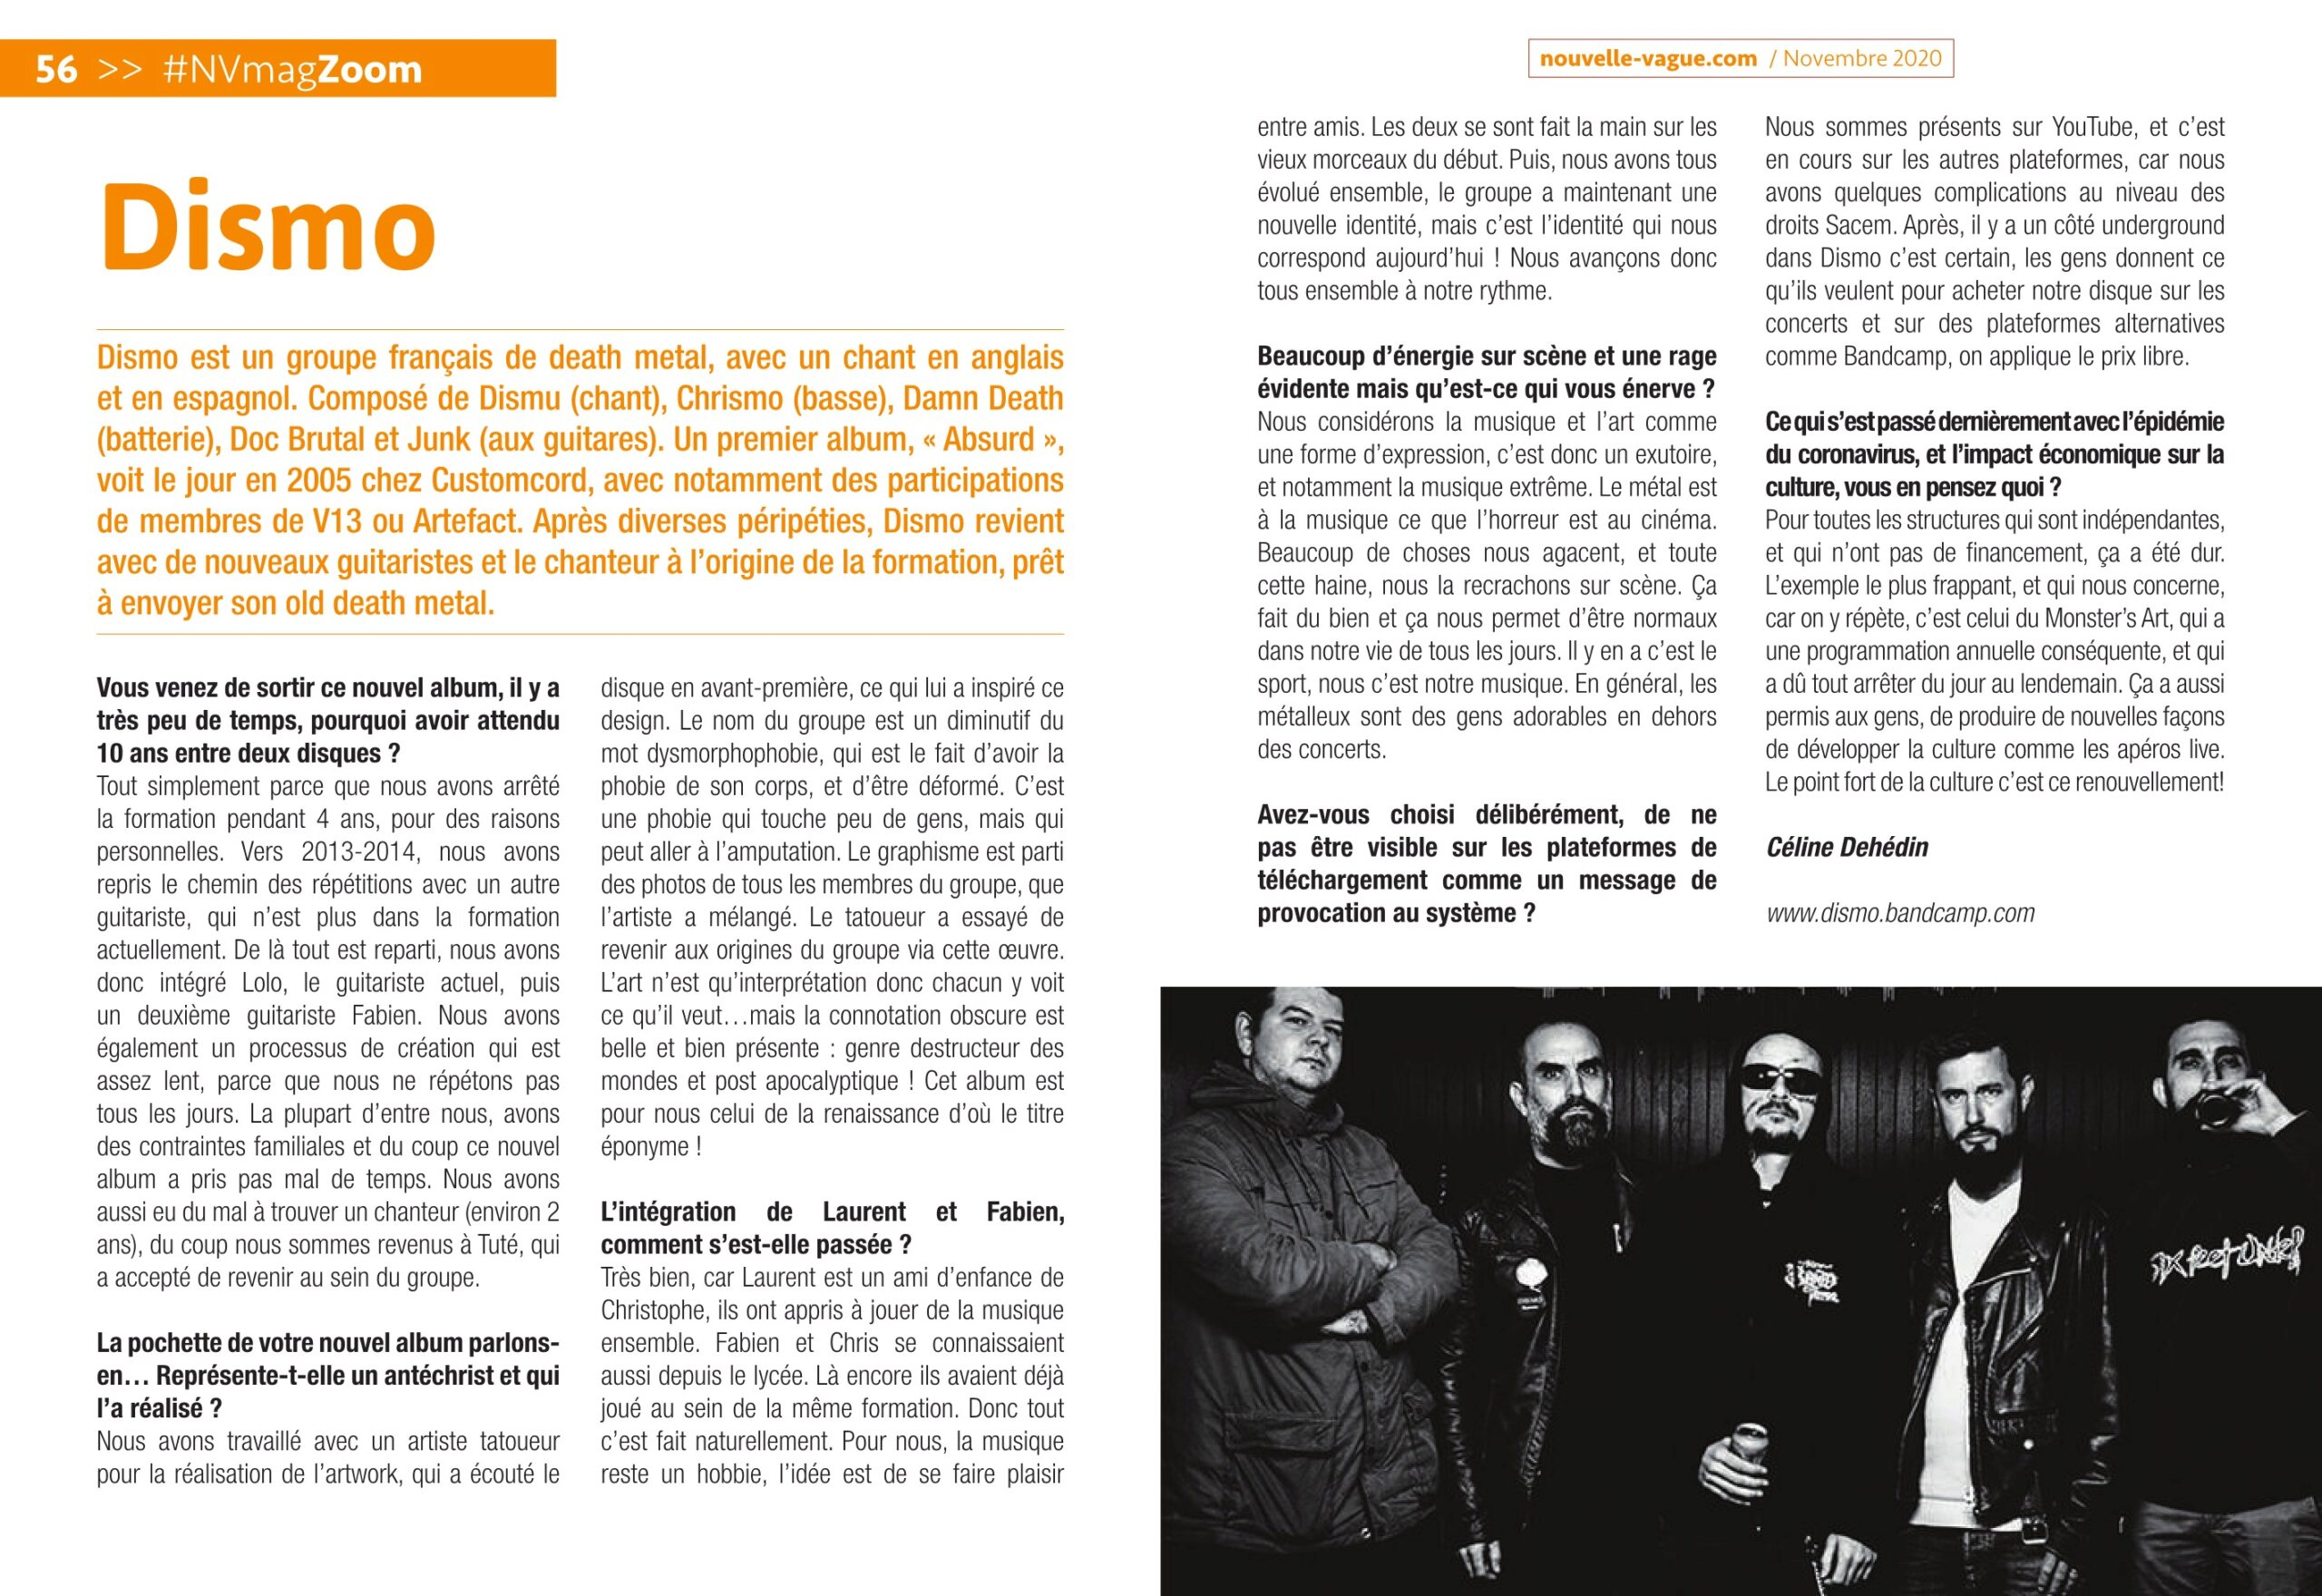 DISMO de Fréjus (Death Metal) Interview sur Nouvelle Vague Novembre 2020 Nv-26210